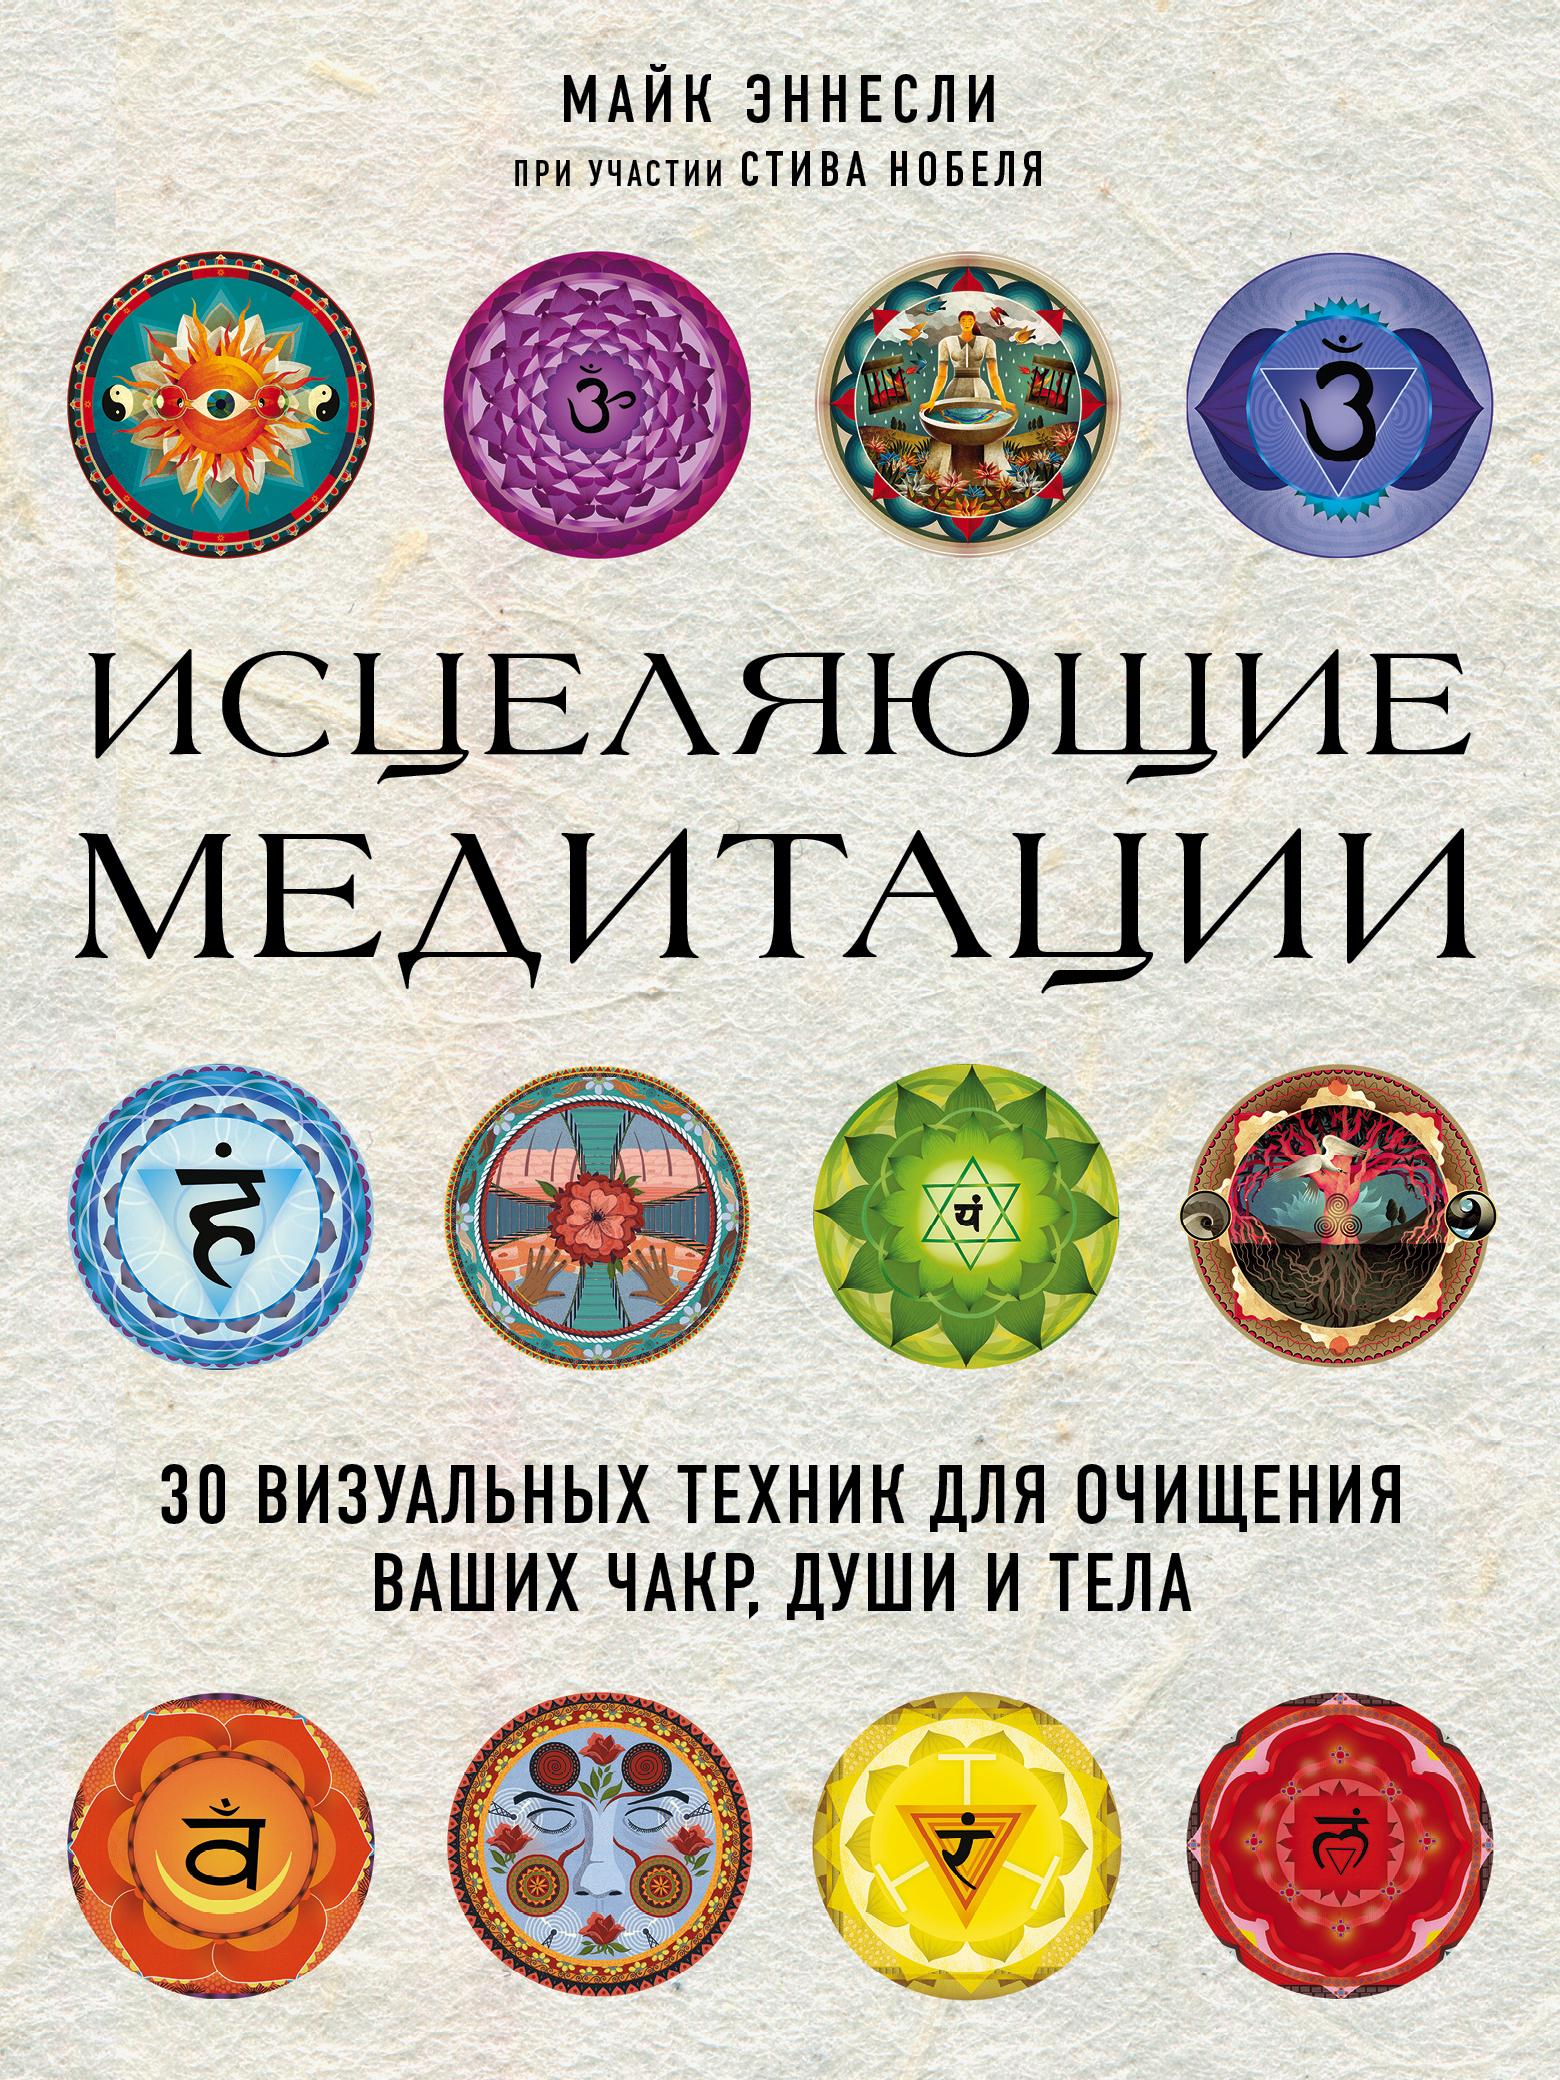 Майк Эннесли Исцеляющие медитации. 30 визуальных техник для очищения ваших чакр, души и тела для души и тела iherb